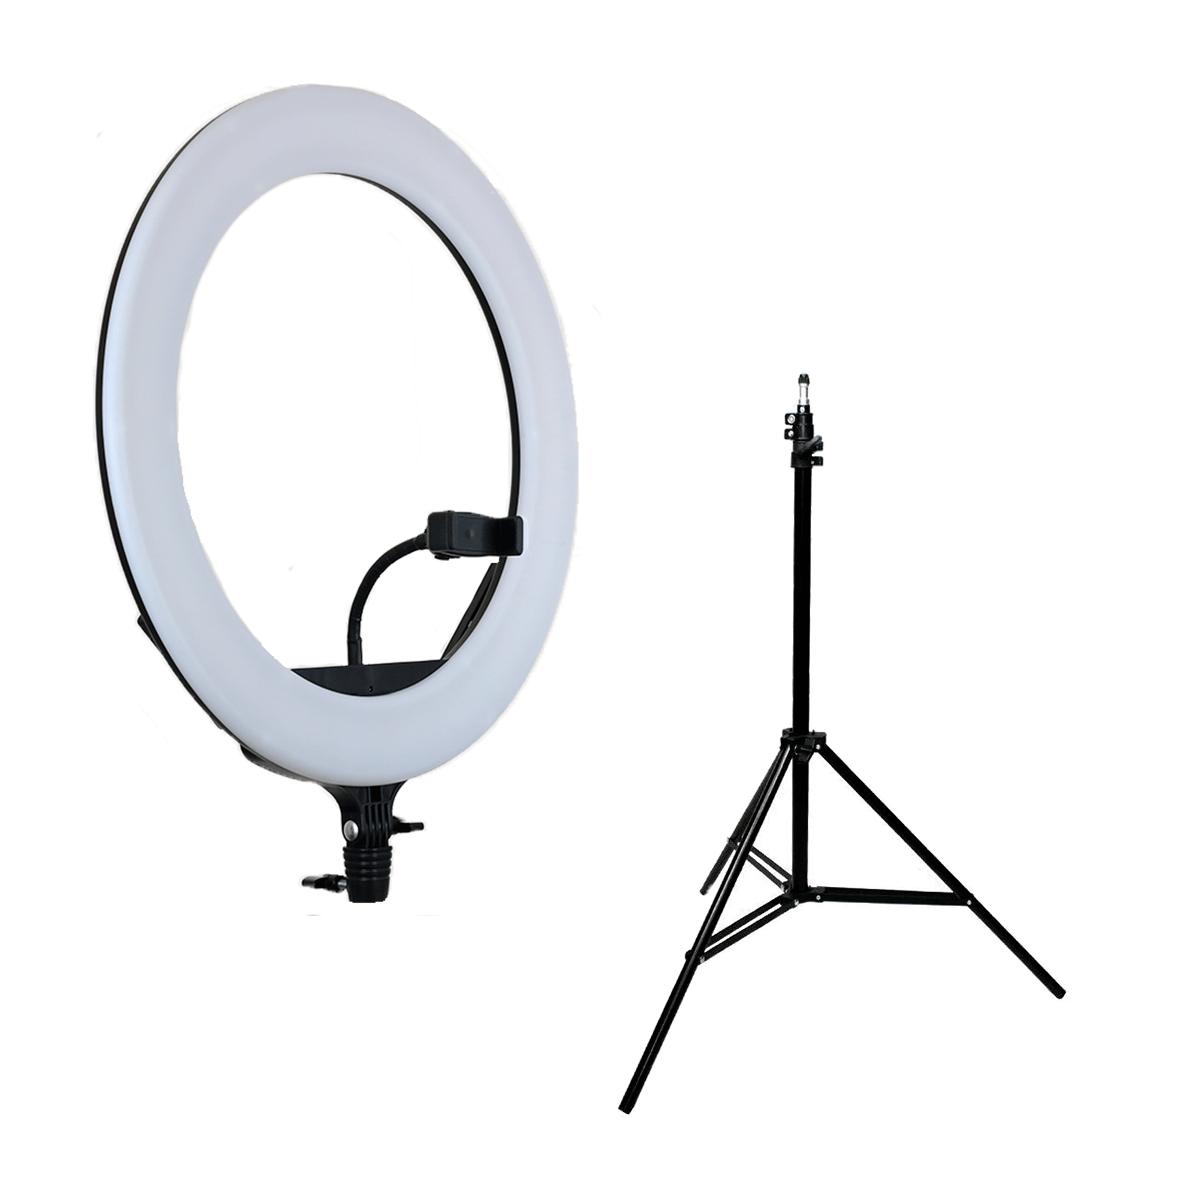 Ring Light 70W Iluminador de LED 44cm completo com Tripé 2m Luz para Foto e Vídeo  - Fotolux